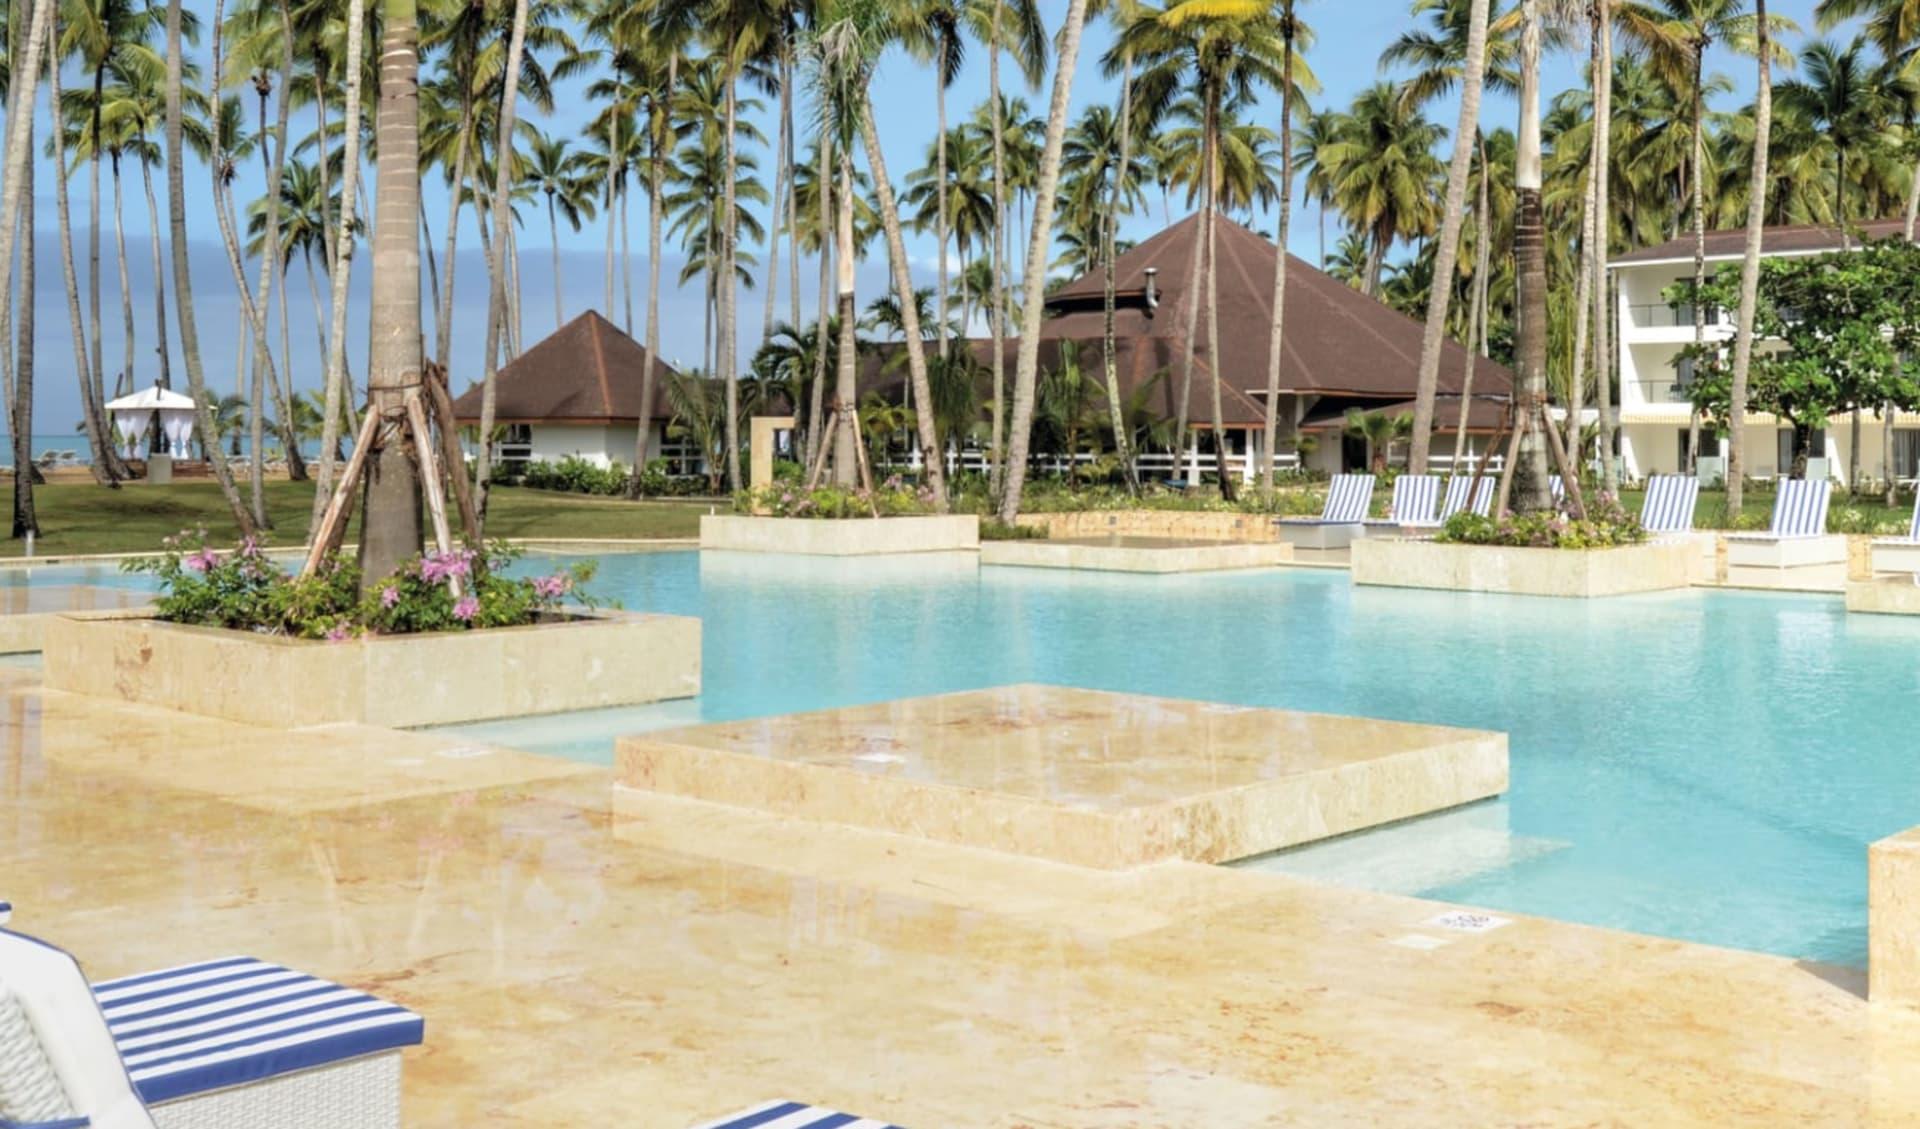 Viva Wyndham V Samana in Las Terrenas: Viva Wyndham V Samana - Pool mit Palmen und Liegestühlen C Latin Connect